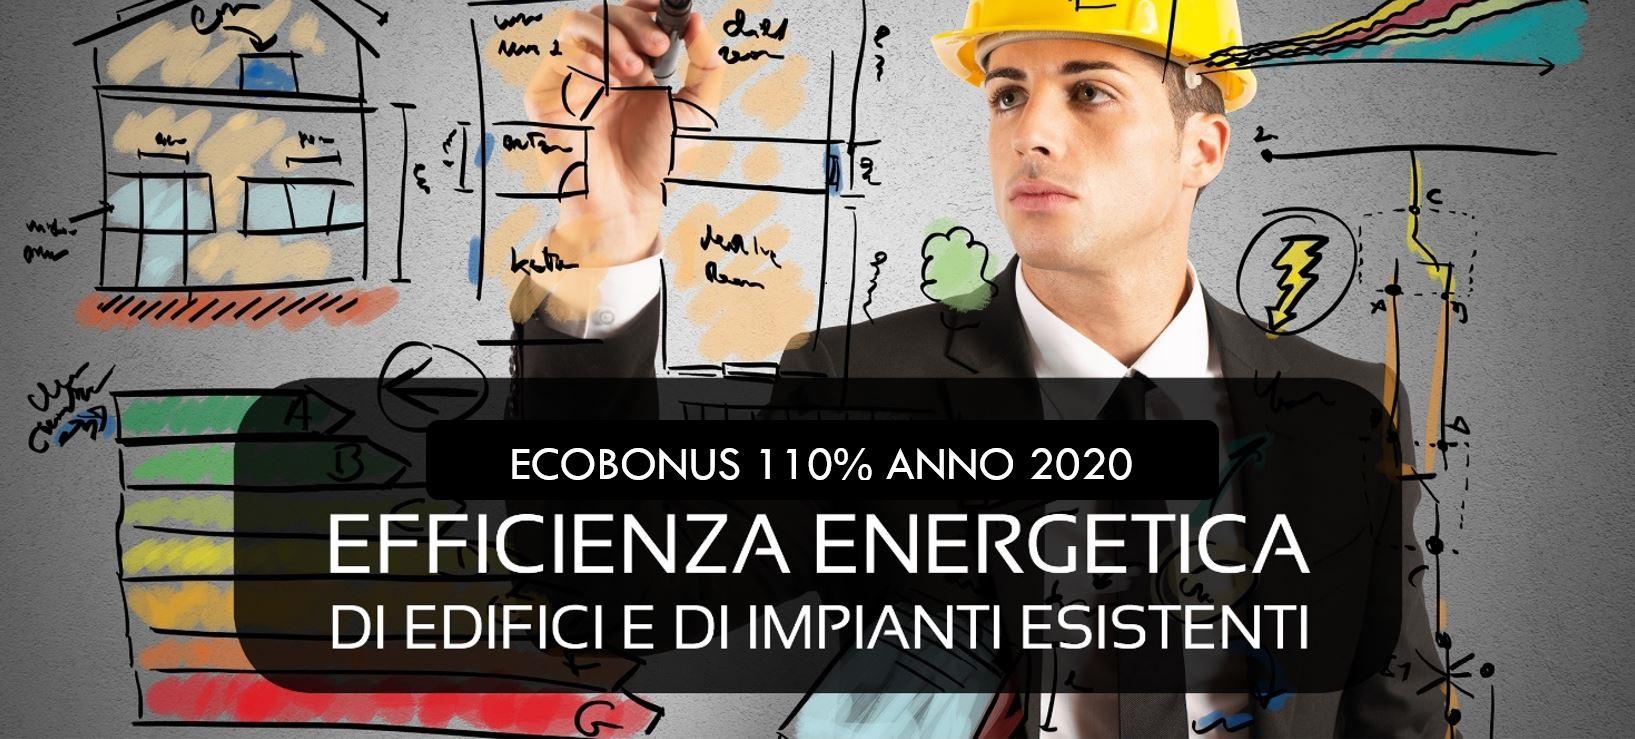 Ecobonus 110% per l'efficientamento energetico